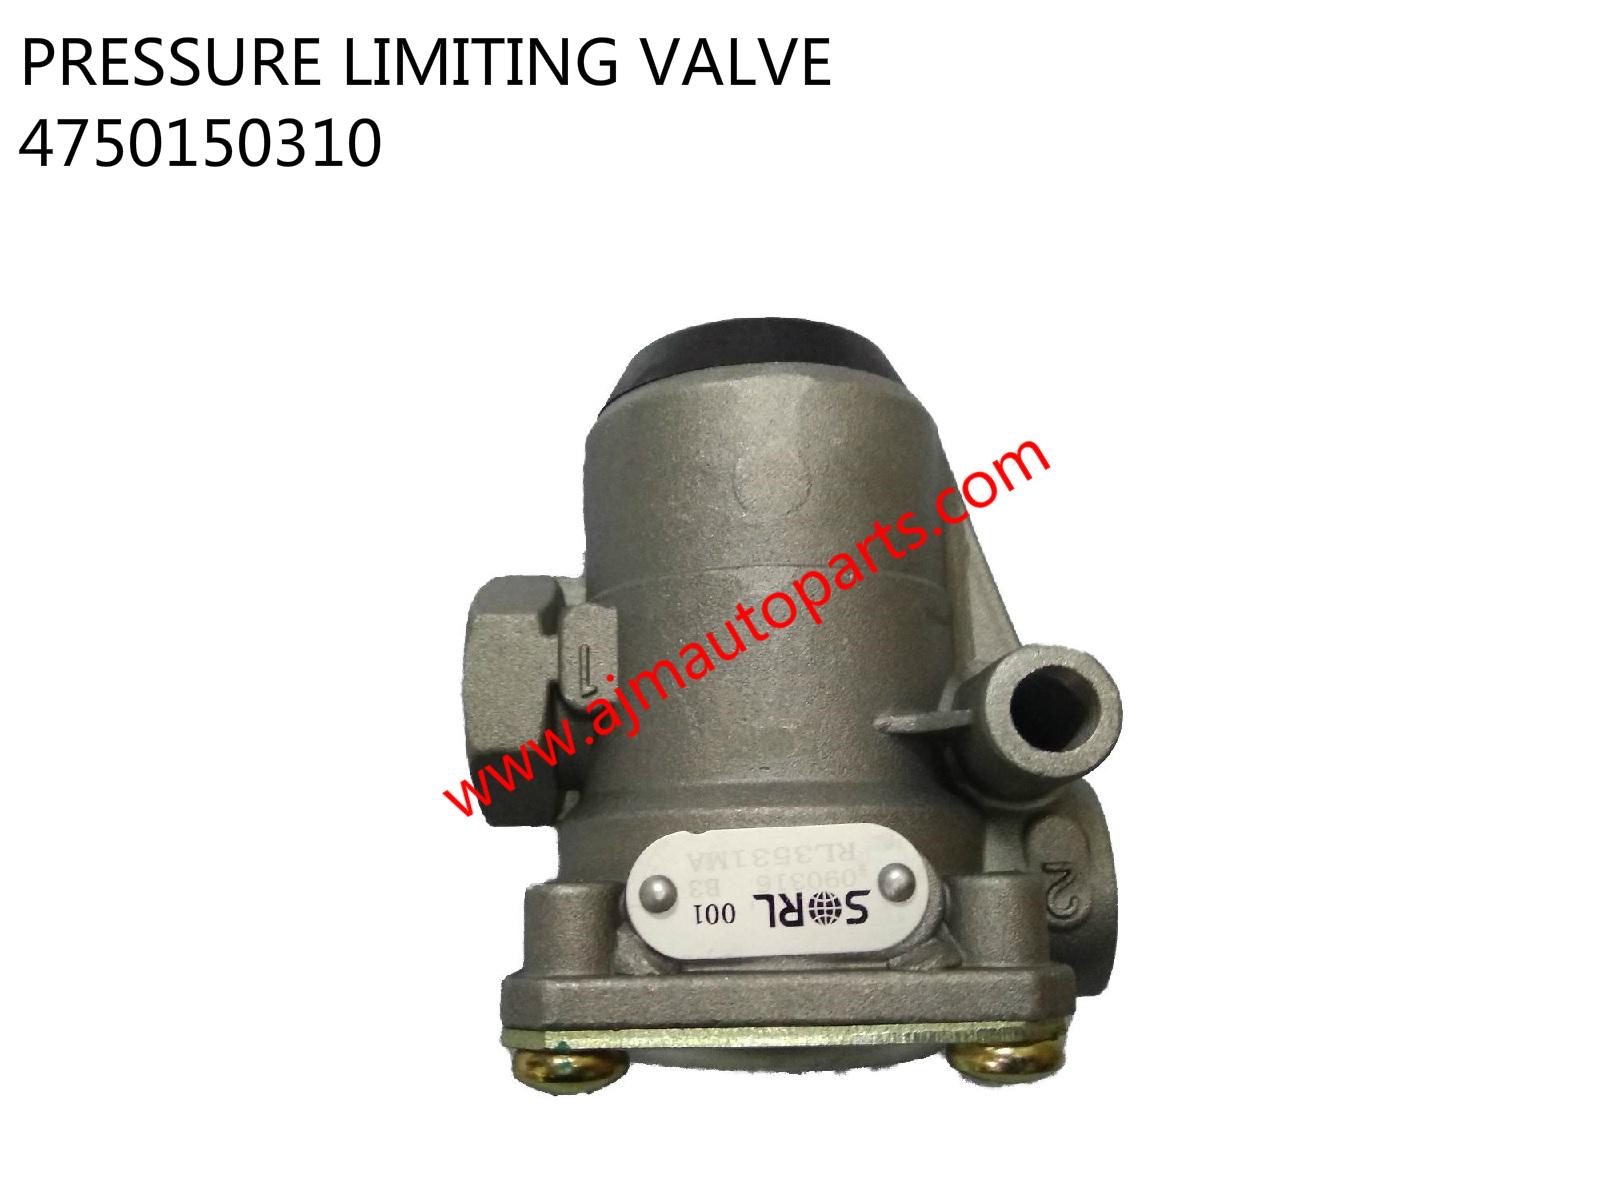 PRESSURE LIMITING VALVE-4750150310